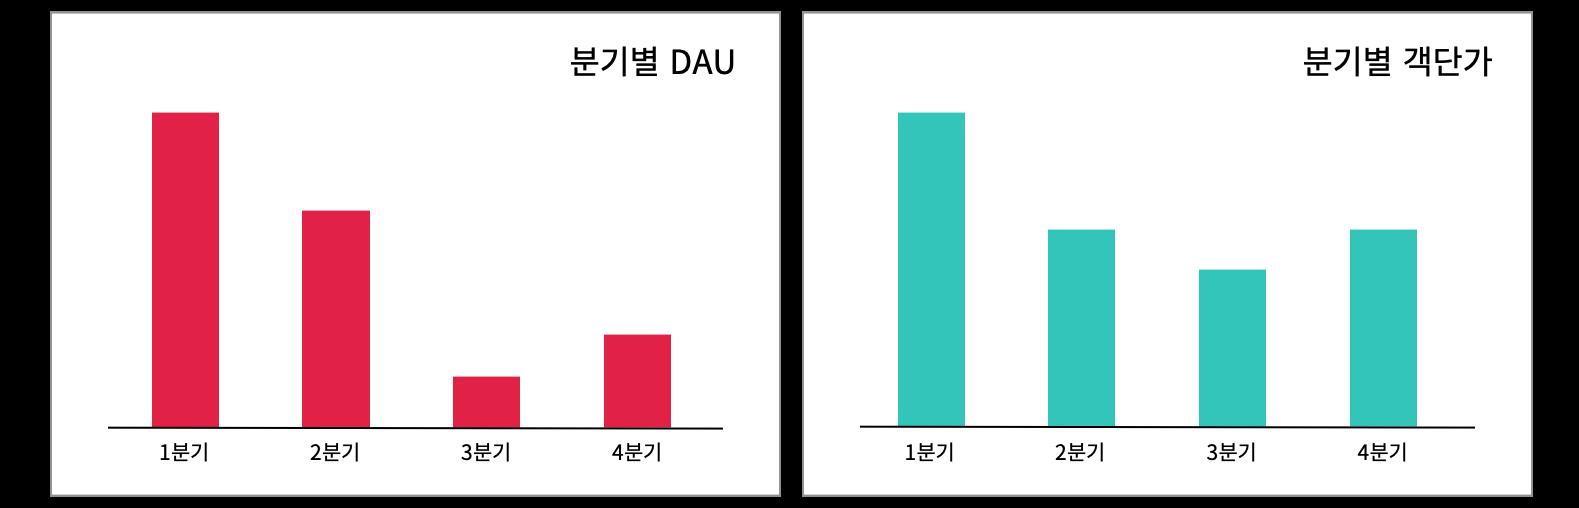 분기별 dau와 분기별 객단가 지표입니다.